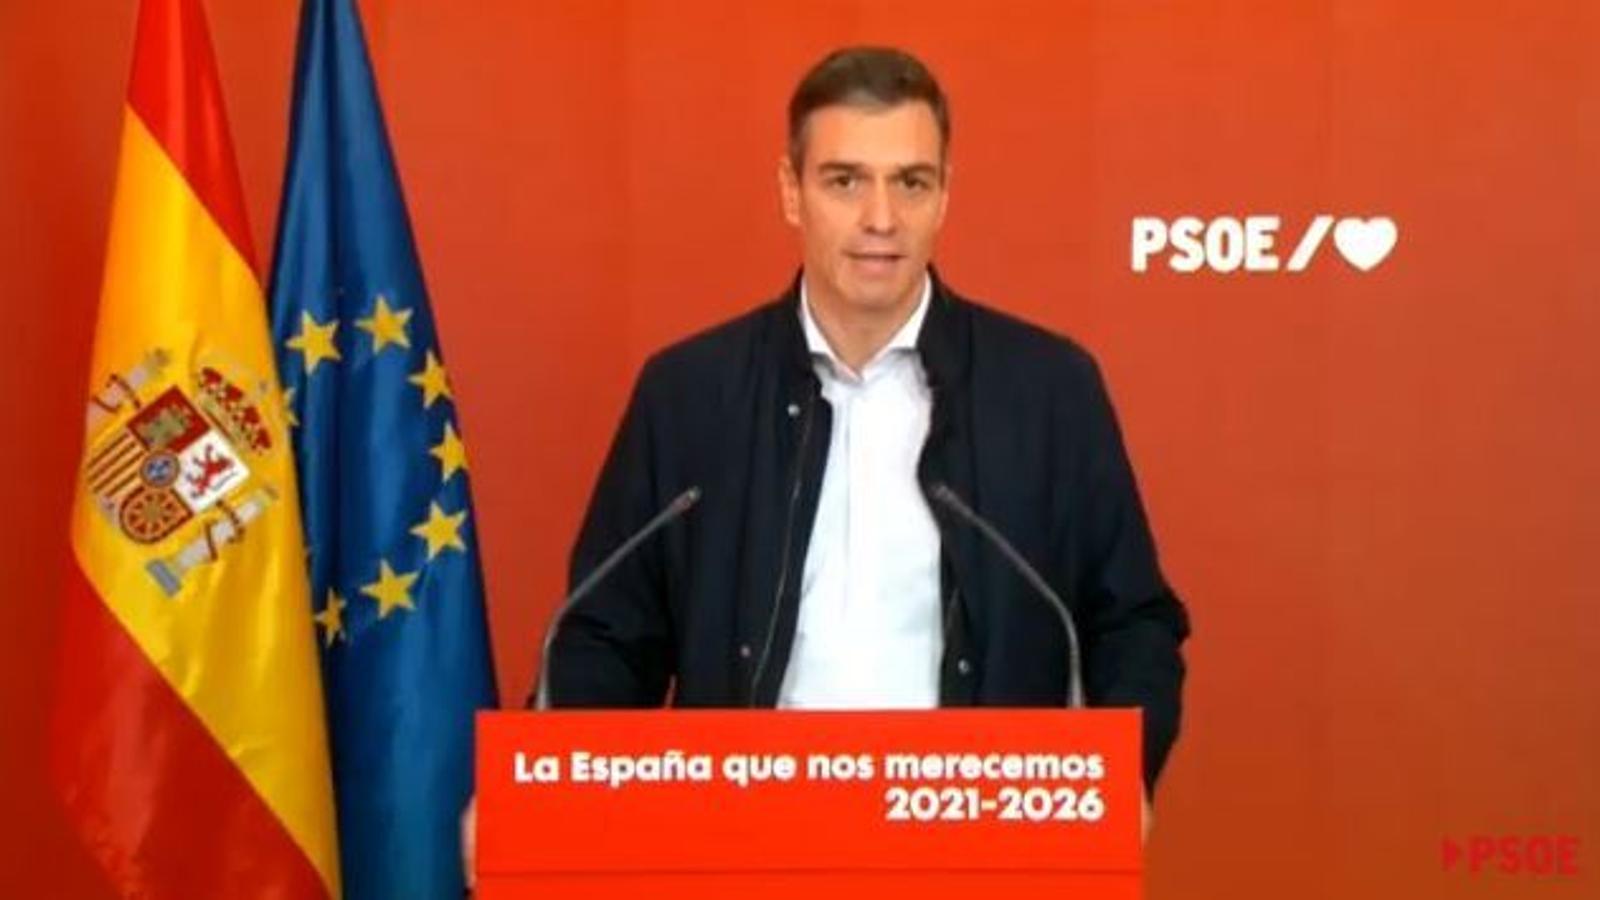 Sánchez extiende la mano a Cs a pesar del no a los presupuestos